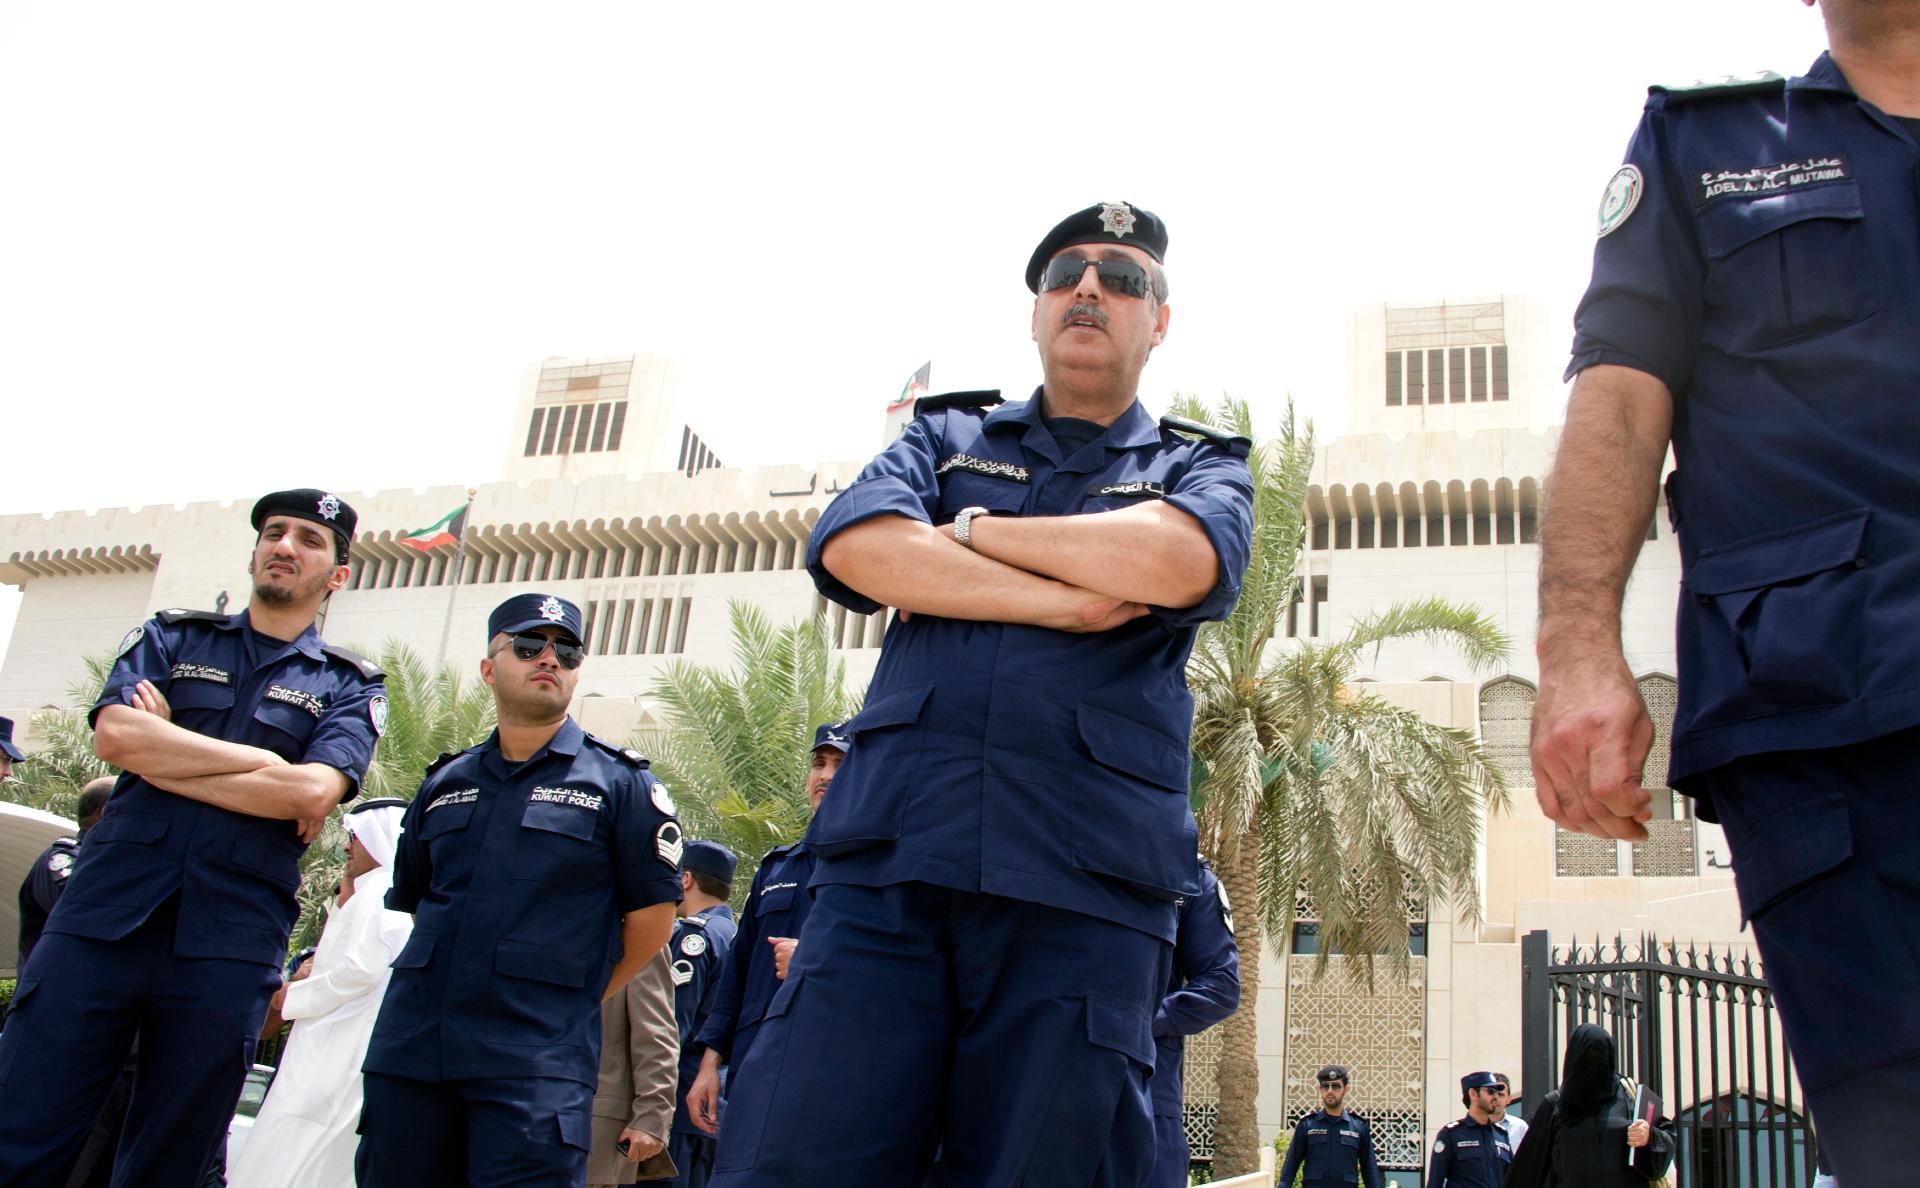 الداخلية الكويتية تفرج عن عشرات المسجونين بسبب فيروس كورونا